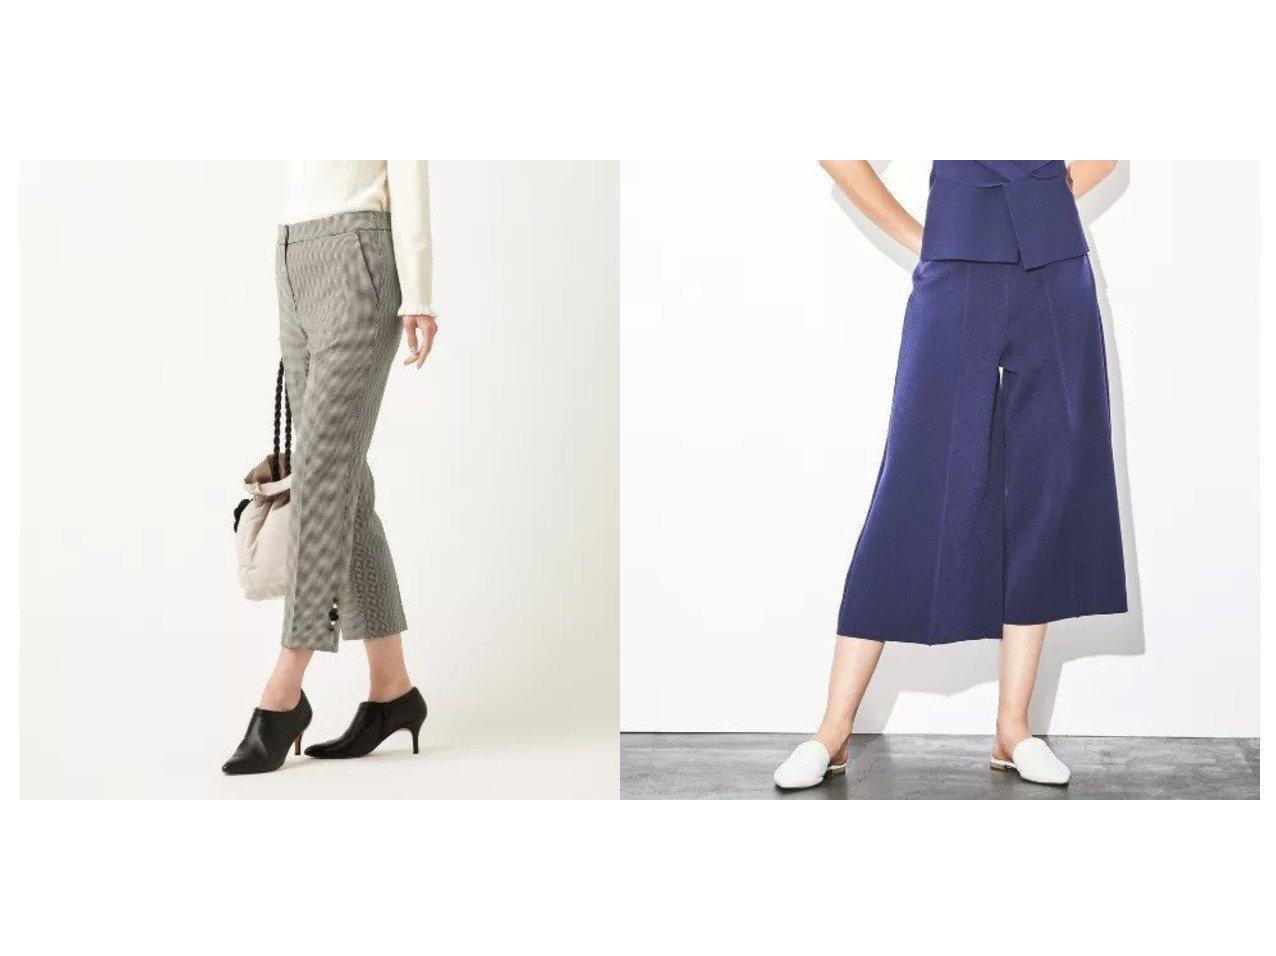 【EPOCA/エポカ】のキュプラベーシック ガウチョパンツ&【TO BE CHIC/トゥー ビー シック】の2WAYストレッチパンツ パンツのおすすめ!人気、レディースファッションの通販 おすすめで人気のファッション通販商品 インテリア・家具・キッズファッション・メンズファッション・レディースファッション・服の通販 founy(ファニー) https://founy.com/ ファッション Fashion レディース WOMEN パンツ Pants ストレッチ ビジュー 定番 カーディガン ガウチョパンツ ドレープ ノースリーブ ボレロ ロング ワイド 冬 Winter 春 秋 長袖  ID:crp329100000001440